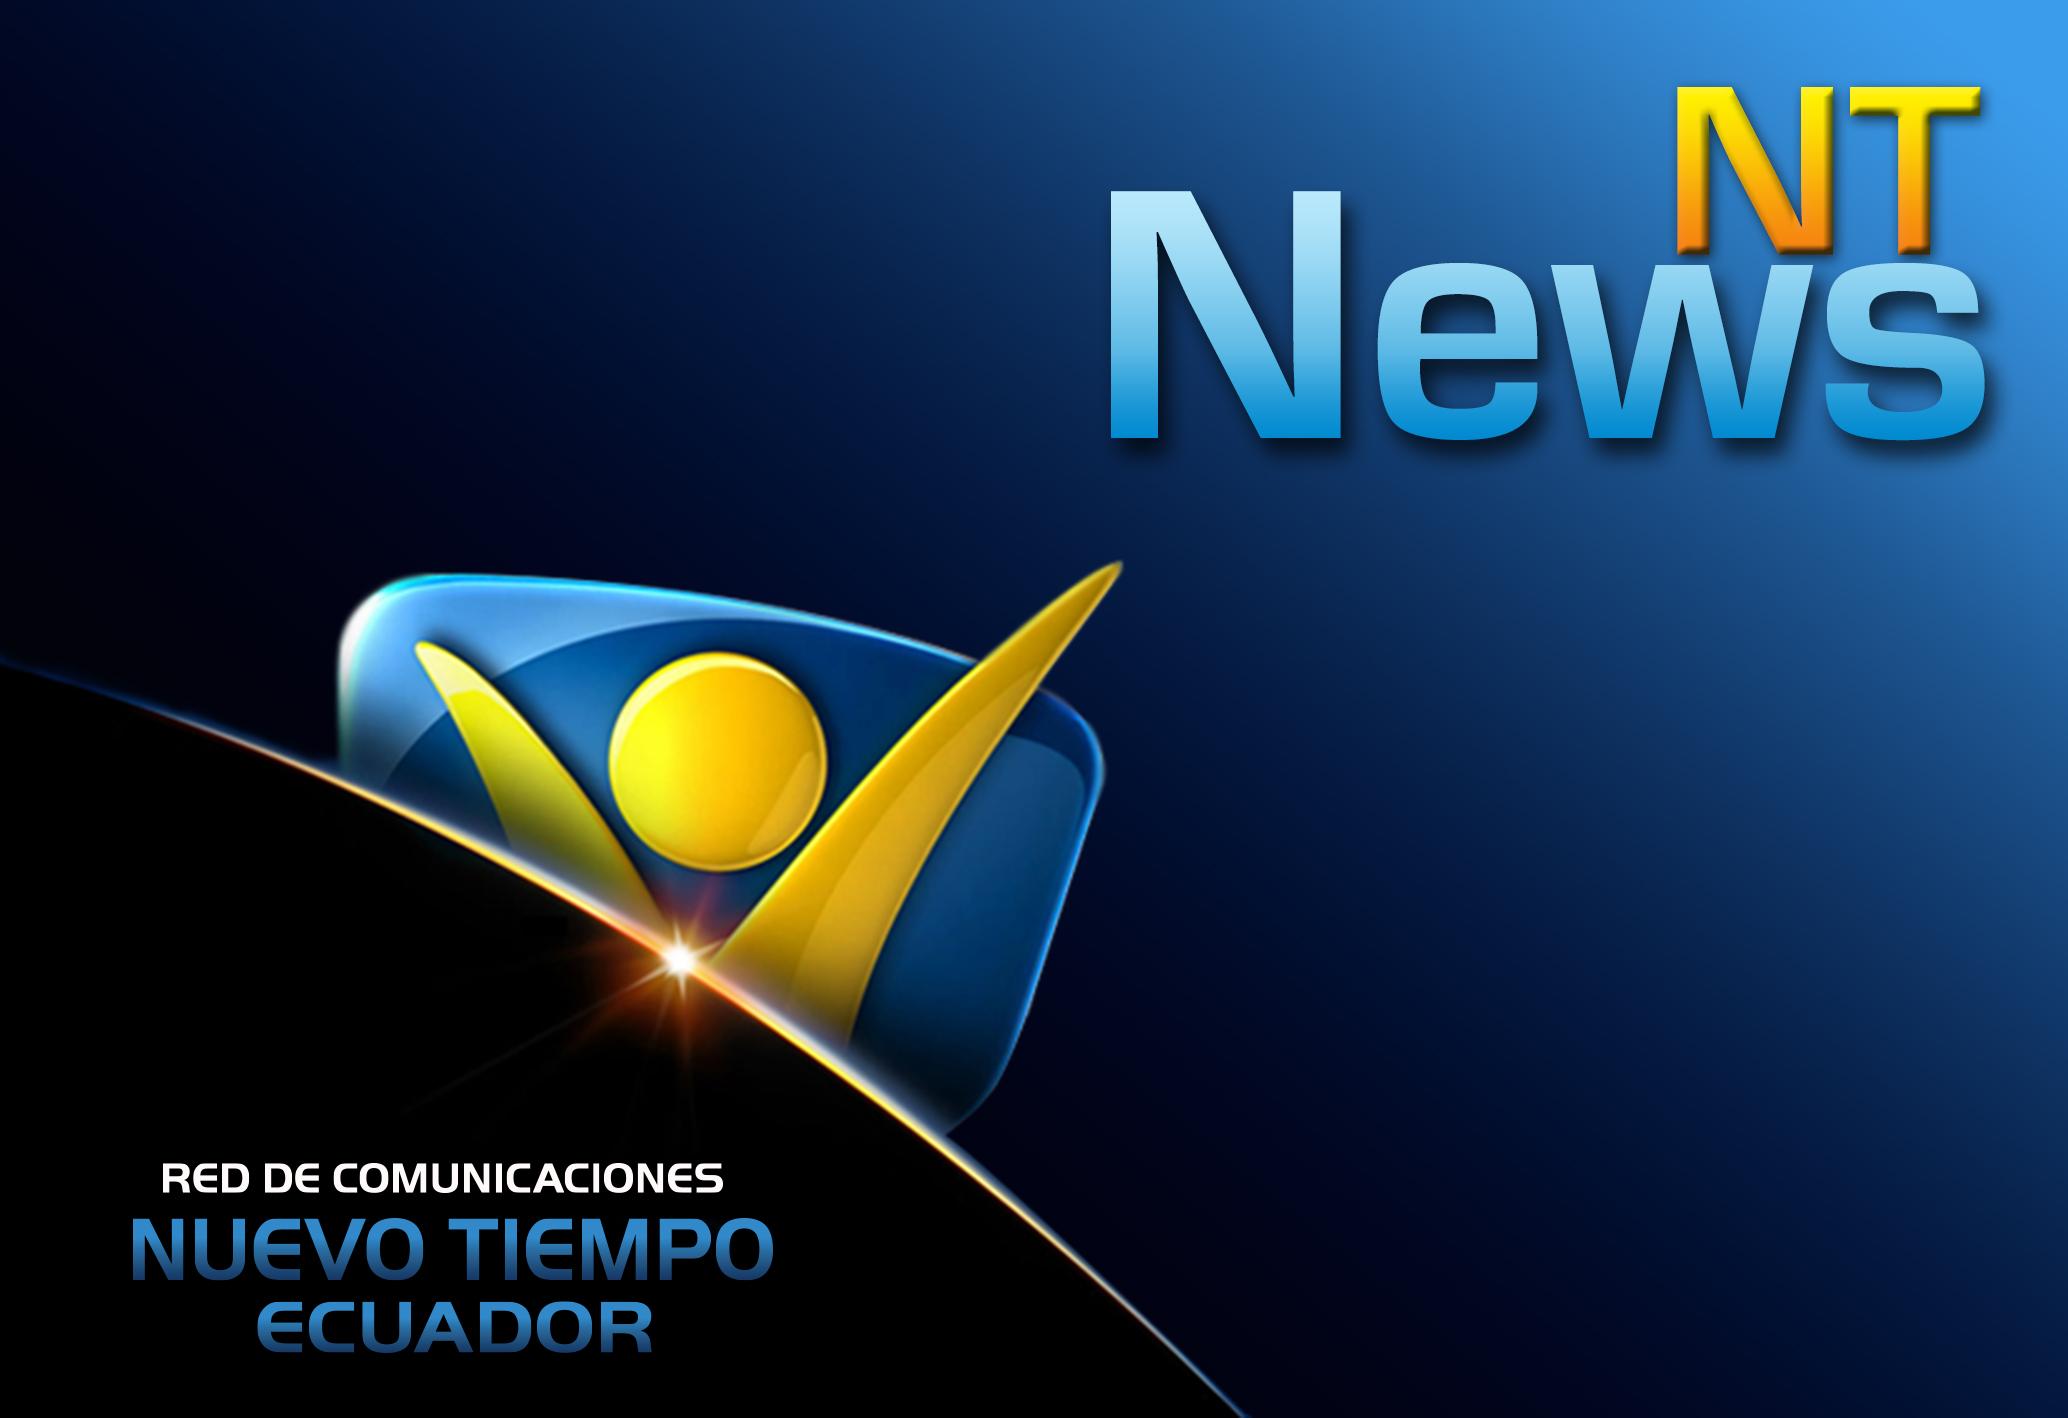 Noticias NT vertical IMP